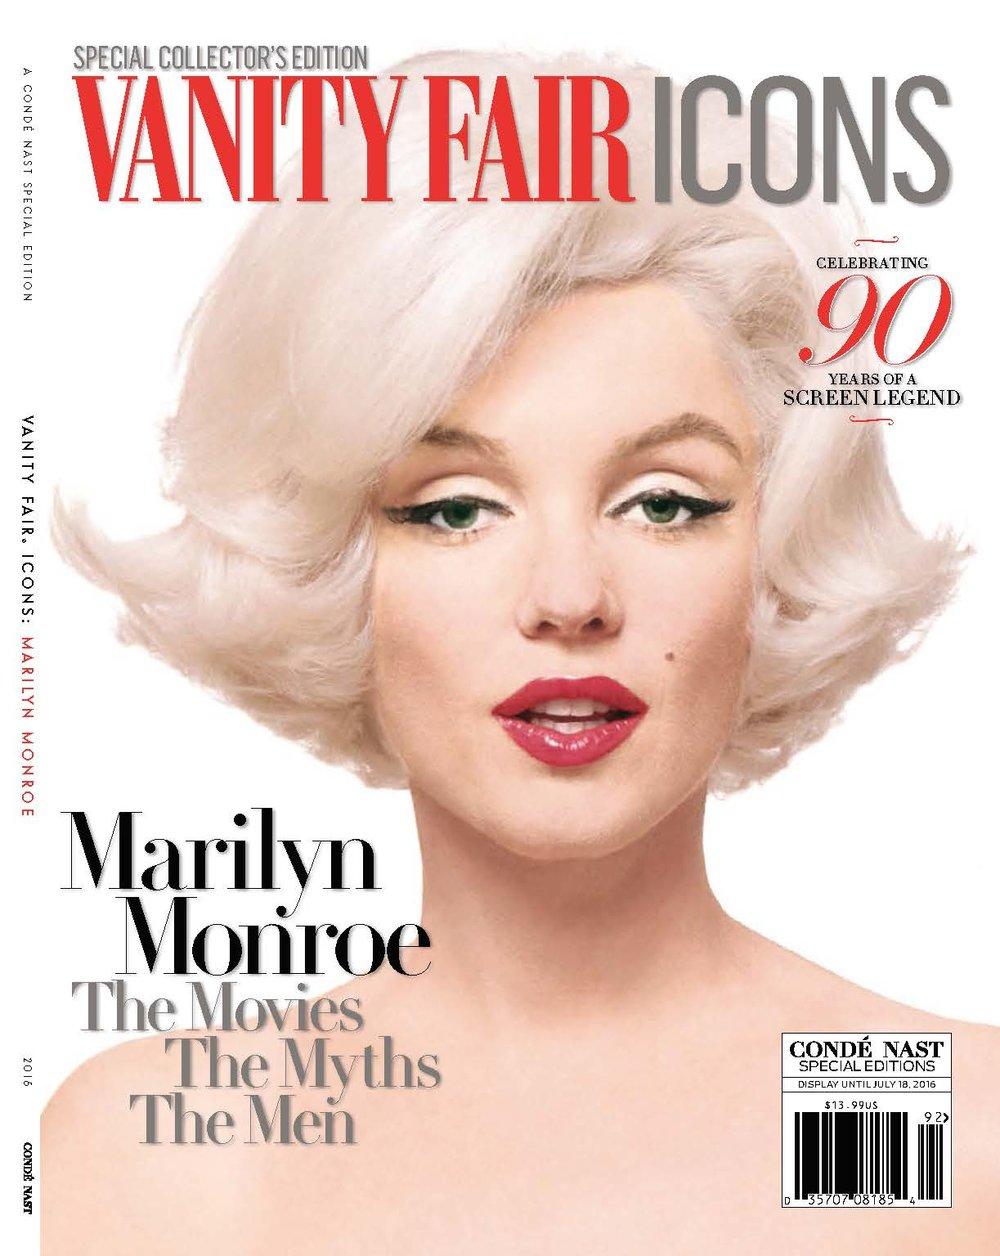 vanity_fair_icons (1).jpg